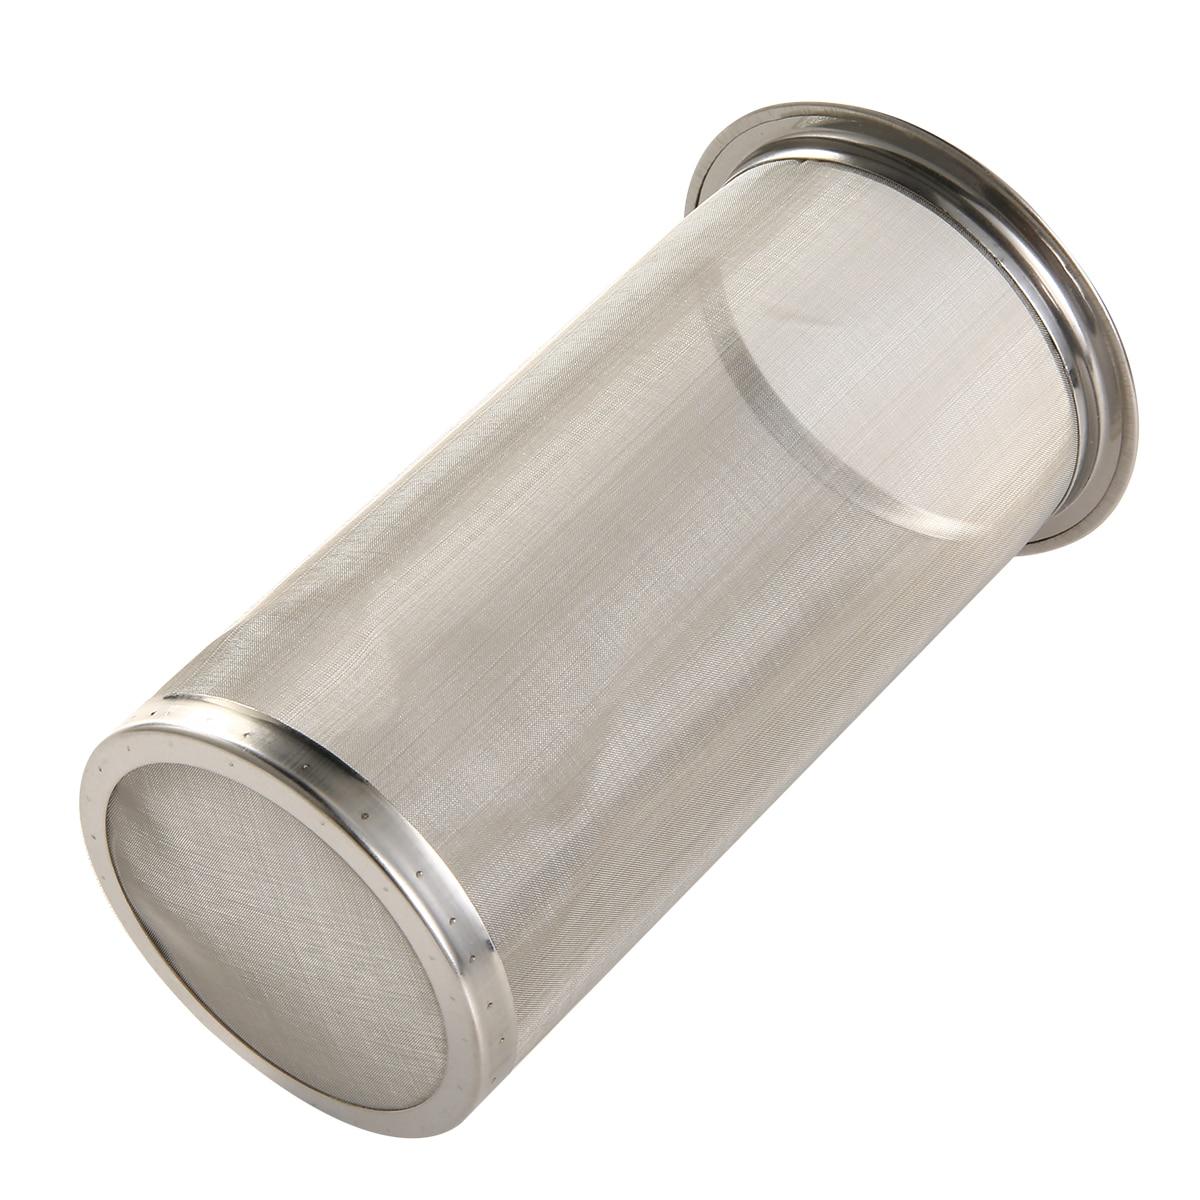 Нержавеющая банка, фильтр для кофе, сетка для заваривания кофе, фильтр для заваривания, корзина, подходит для 32 унций, банки для каменщика, ле...